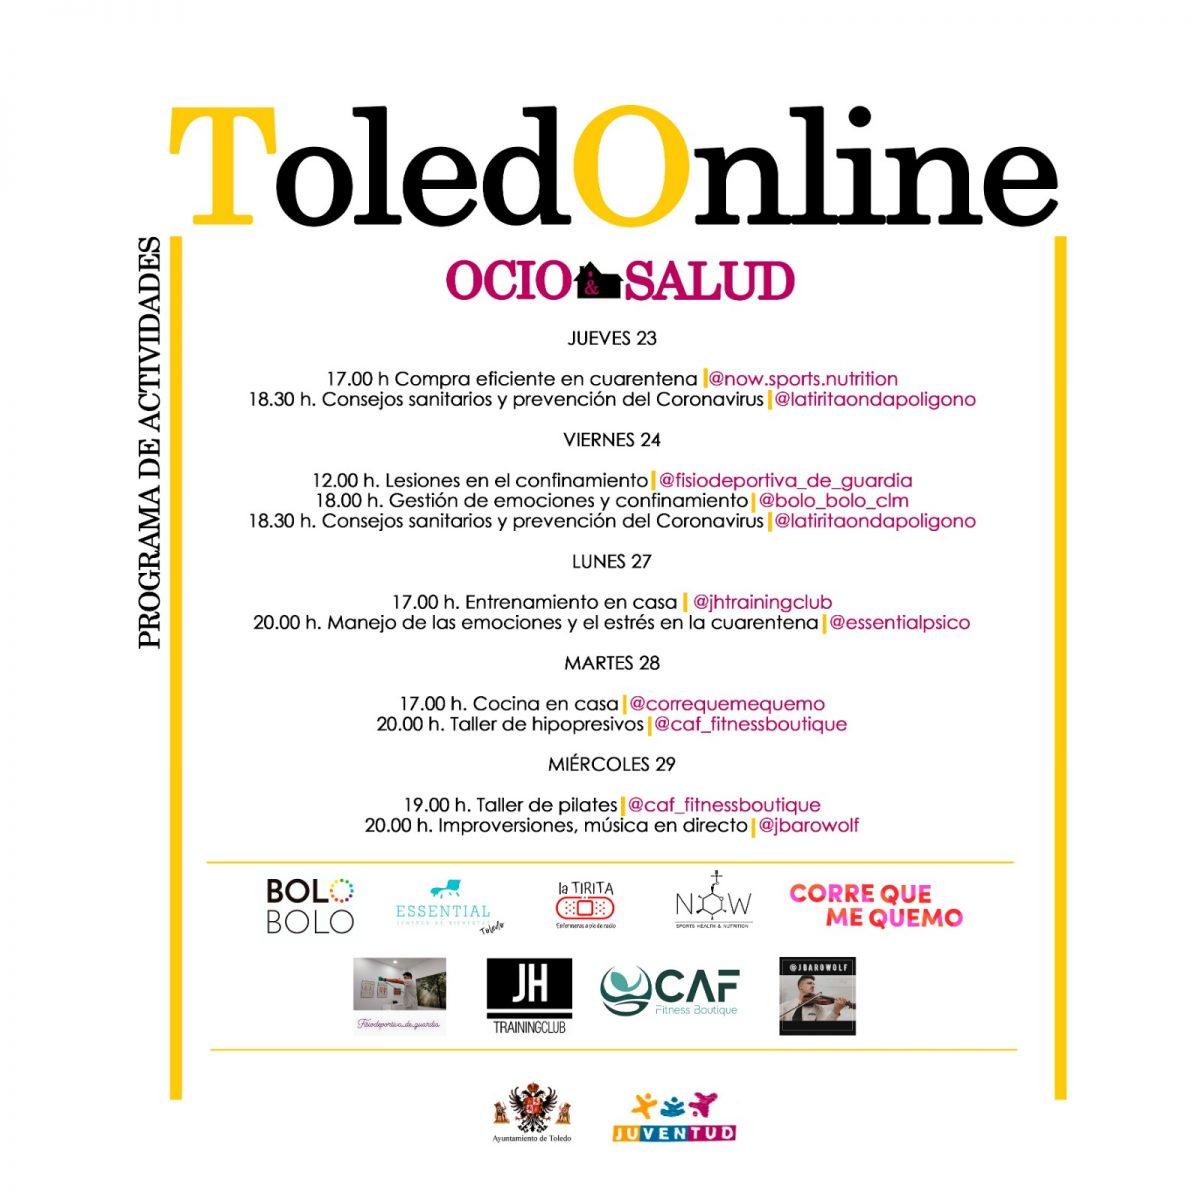 http://www.toledo.es/wp-content/uploads/2020/04/toledonline_version-ok-1-1200x1200.jpeg. El Ayuntamiento lanza nuevas iniciativas en el ámbito del ocio y la salud a través de la programación 'ToledONline' en redes sociales